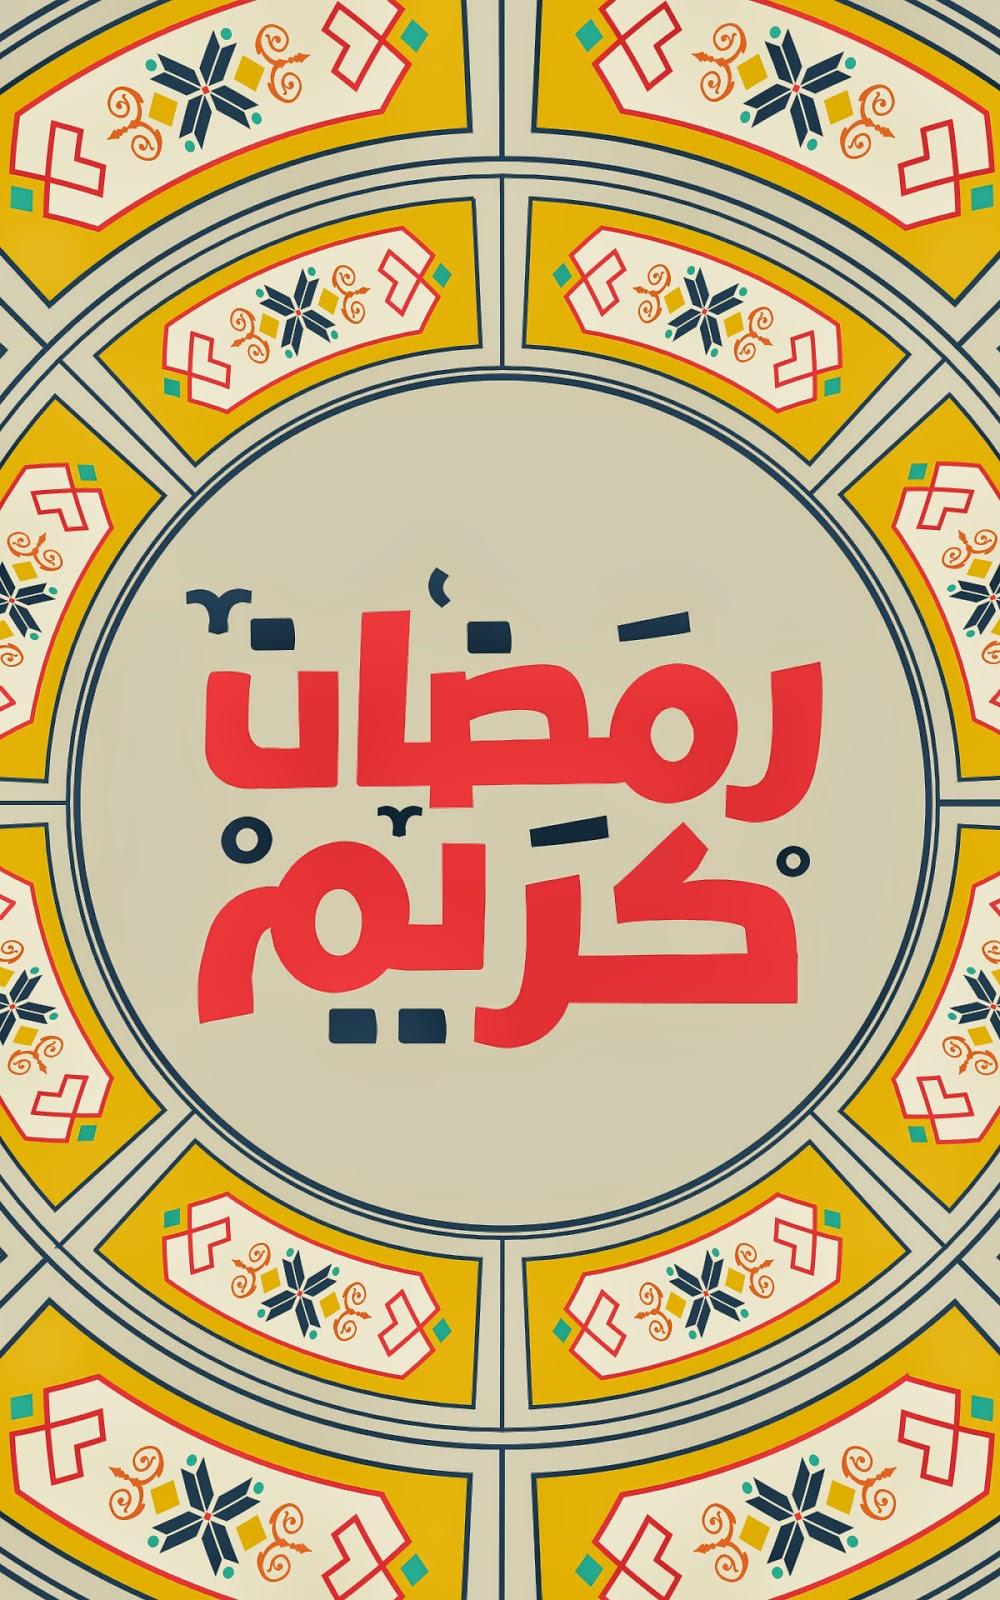 http://3.bp.blogspot.com/-URZJWzkxoEk/VUiYgaFK_gI/AAAAAAAADs0/_q5ONjmBq60/s1600/011.jpg